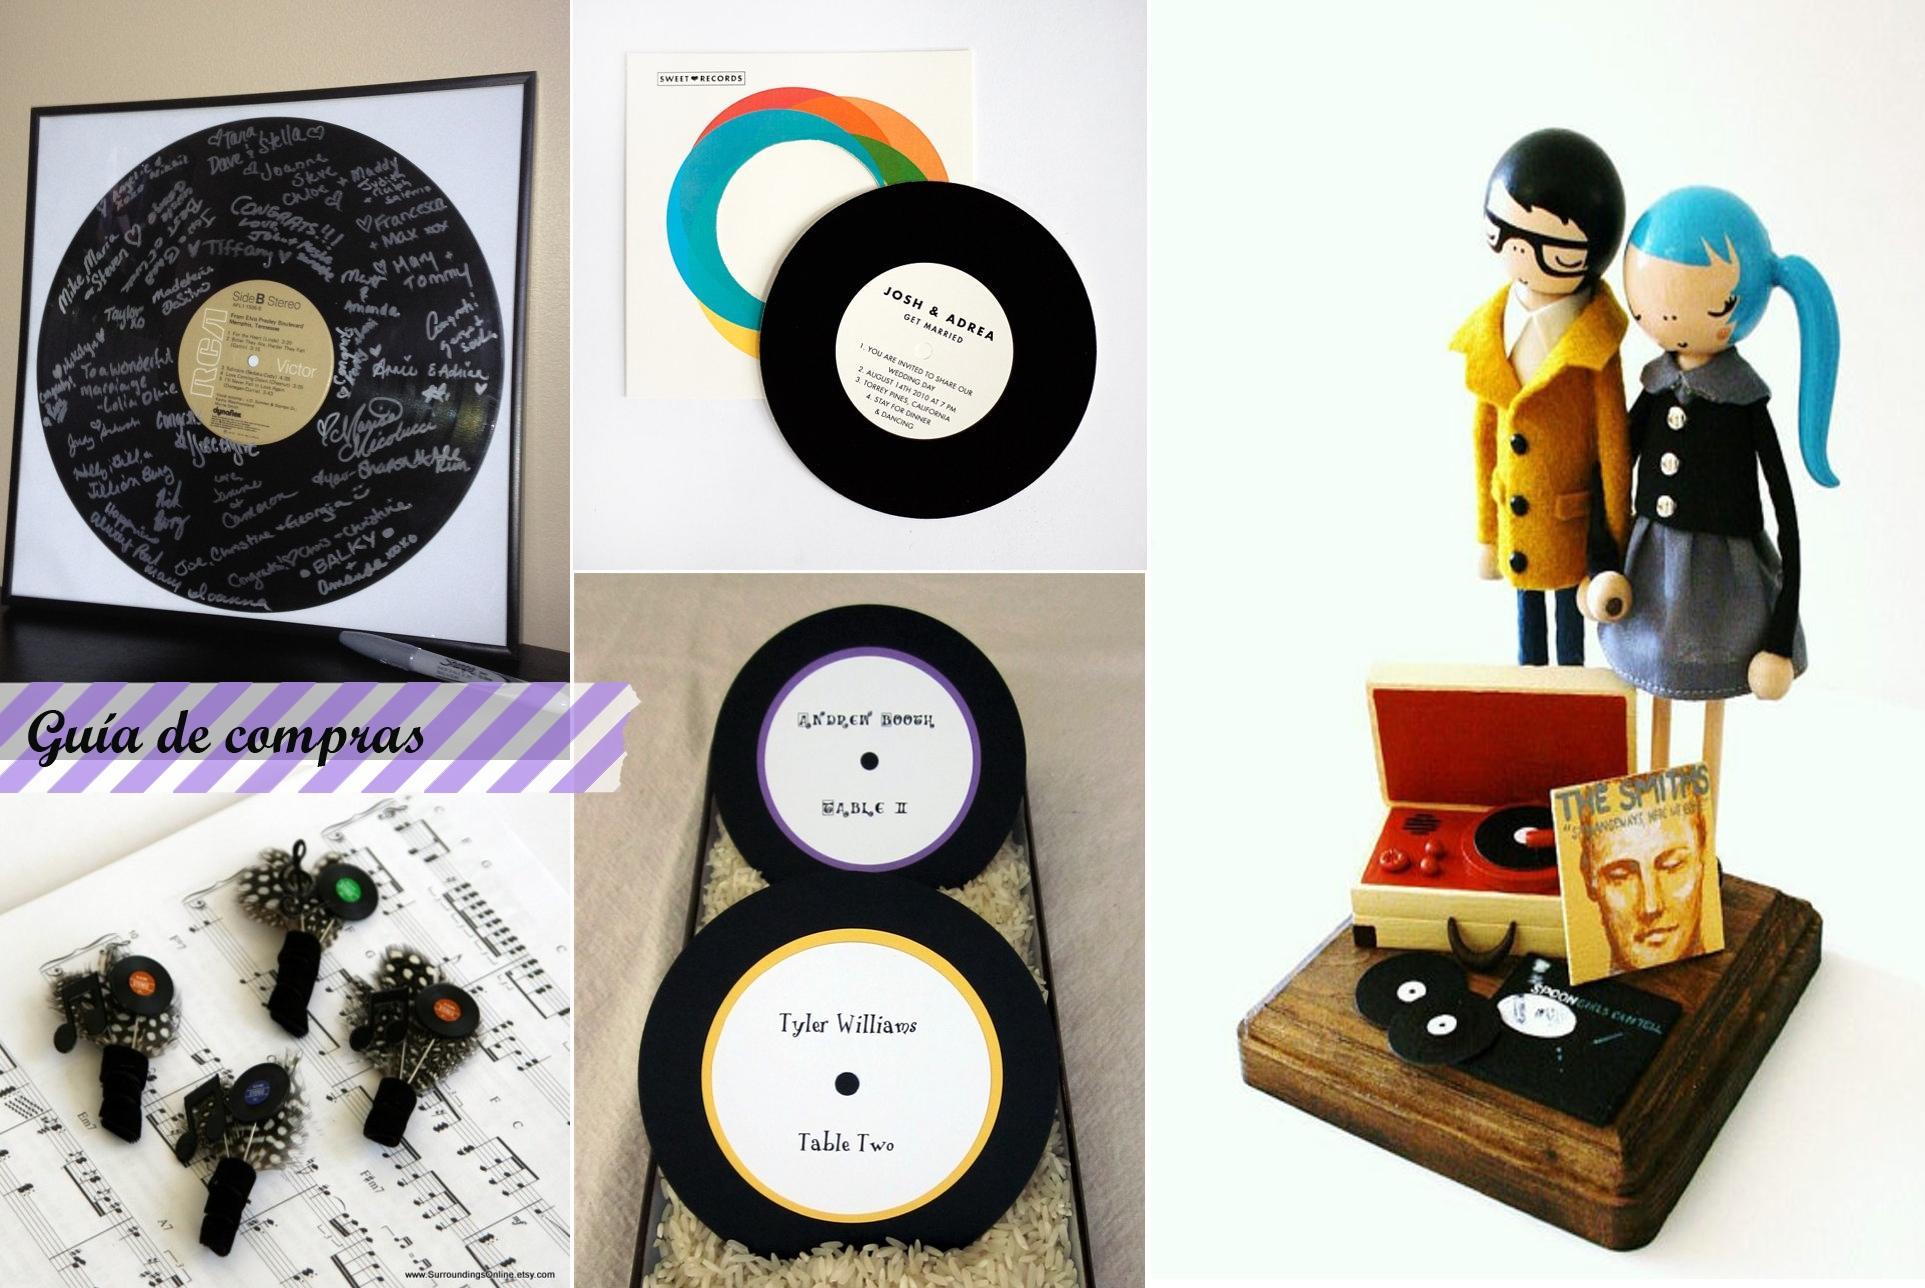 Bodas y discos de vinilo wedding and vinyl records paperblog - Decoracion con discos de vinilo ...